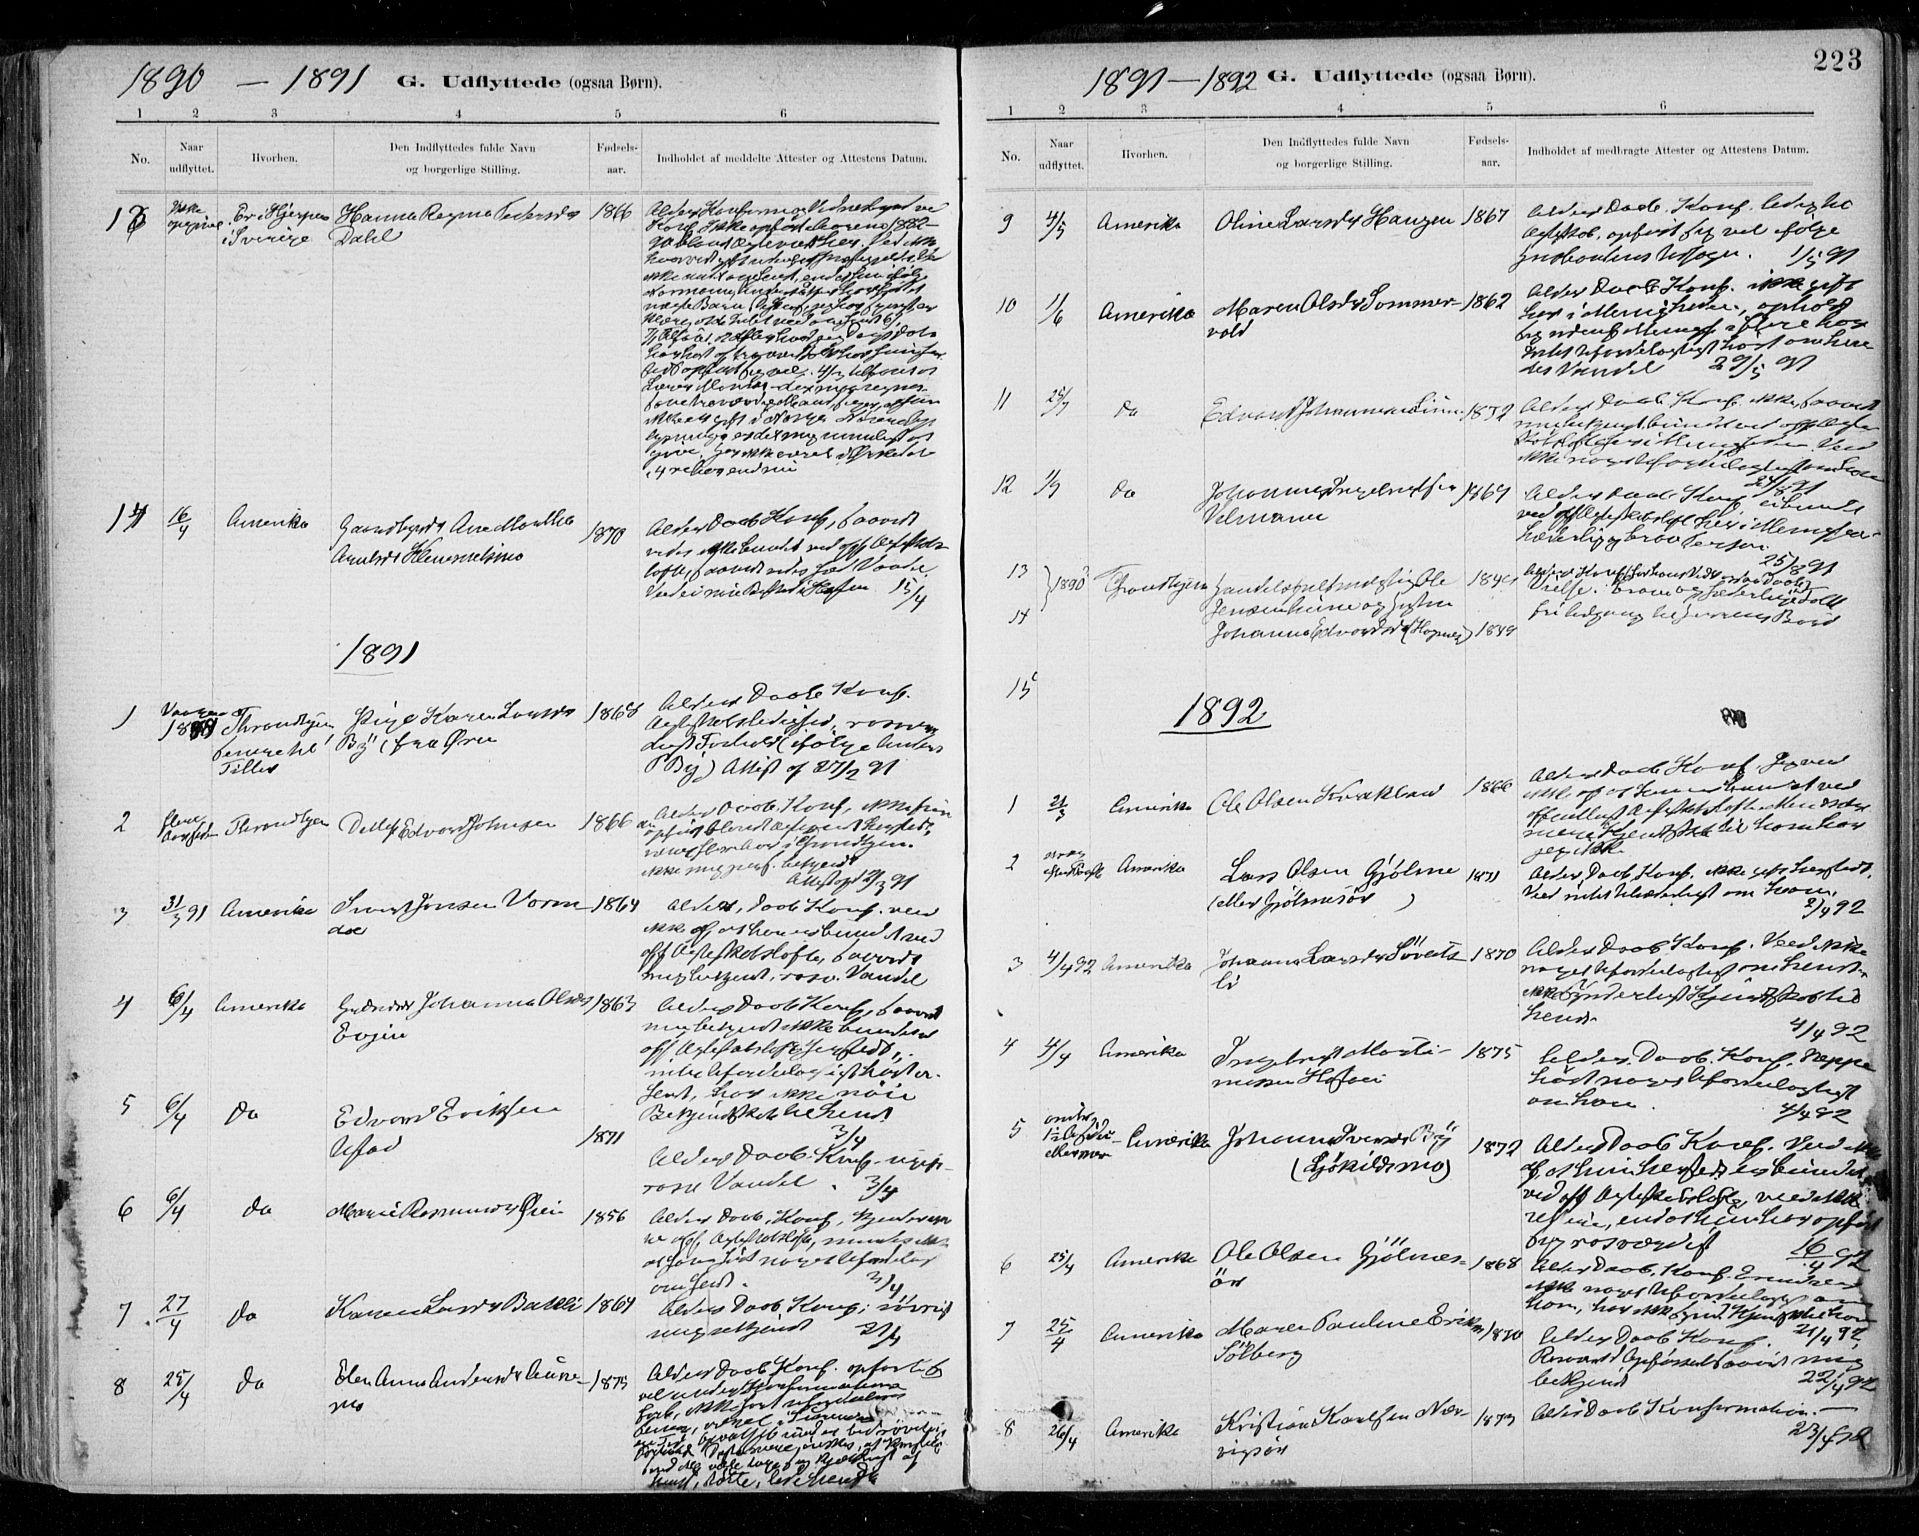 SAT, Ministerialprotokoller, klokkerbøker og fødselsregistre - Sør-Trøndelag, 668/L0810: Ministerialbok nr. 668A10, 1881-1894, s. 223